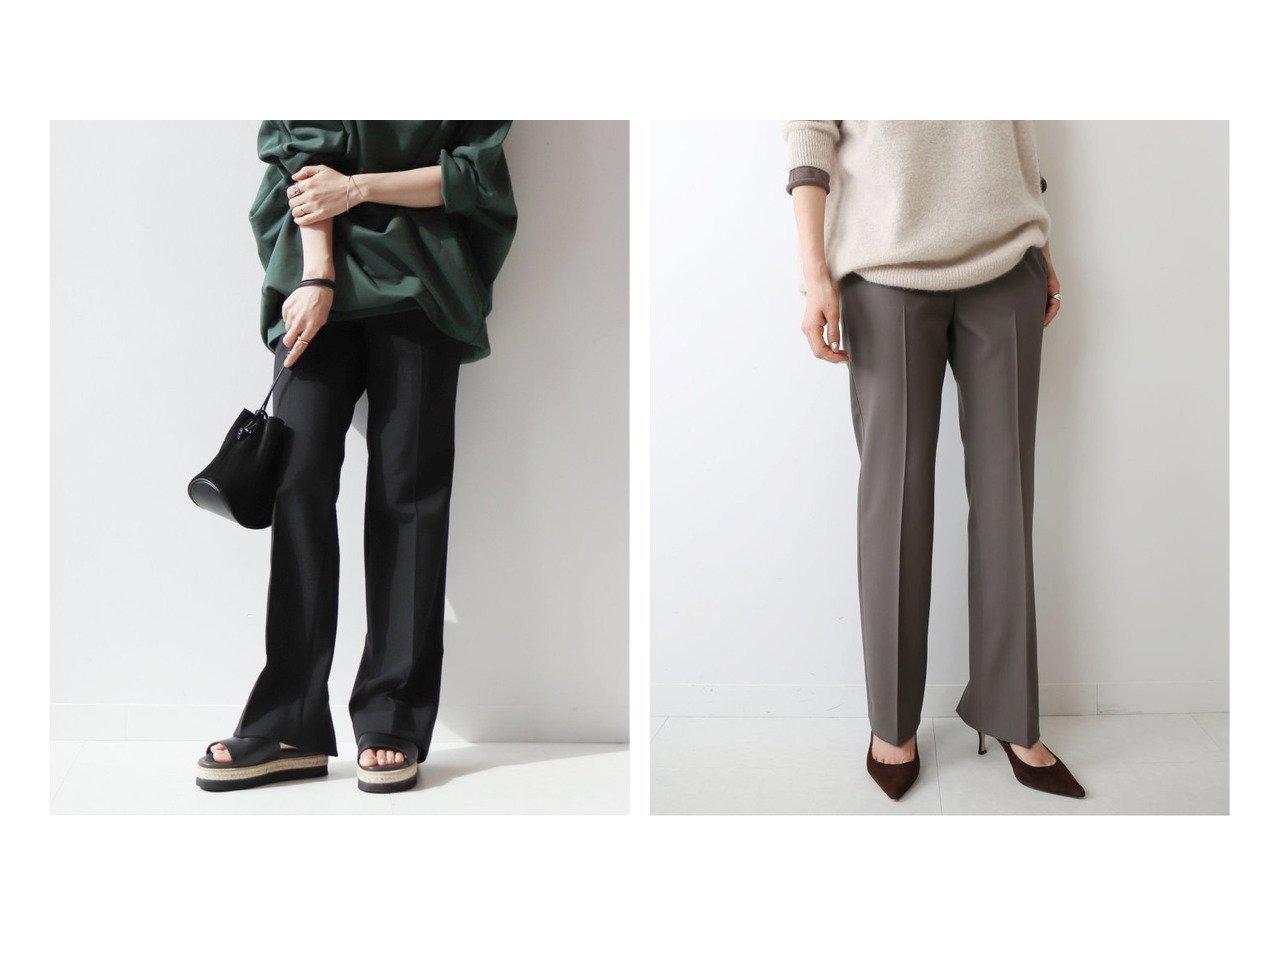 【Plage/プラージュ】の《追加》ソモウスリットパンツ4 パンツのおすすめ!人気、トレンド・レディースファッションの通販 おすすめで人気の流行・トレンド、ファッションの通販商品 メンズファッション・キッズファッション・インテリア・家具・レディースファッション・服の通販 founy(ファニー) https://founy.com/ ファッション Fashion レディースファッション WOMEN パンツ Pants 2020年 2020 2020-2021 秋冬 A/W AW Autumn/Winter / FW Fall-Winter 2020-2021 A/W 秋冬 AW Autumn/Winter / FW Fall-Winter シンプル ストレート スリット  ID:crp329100000016055